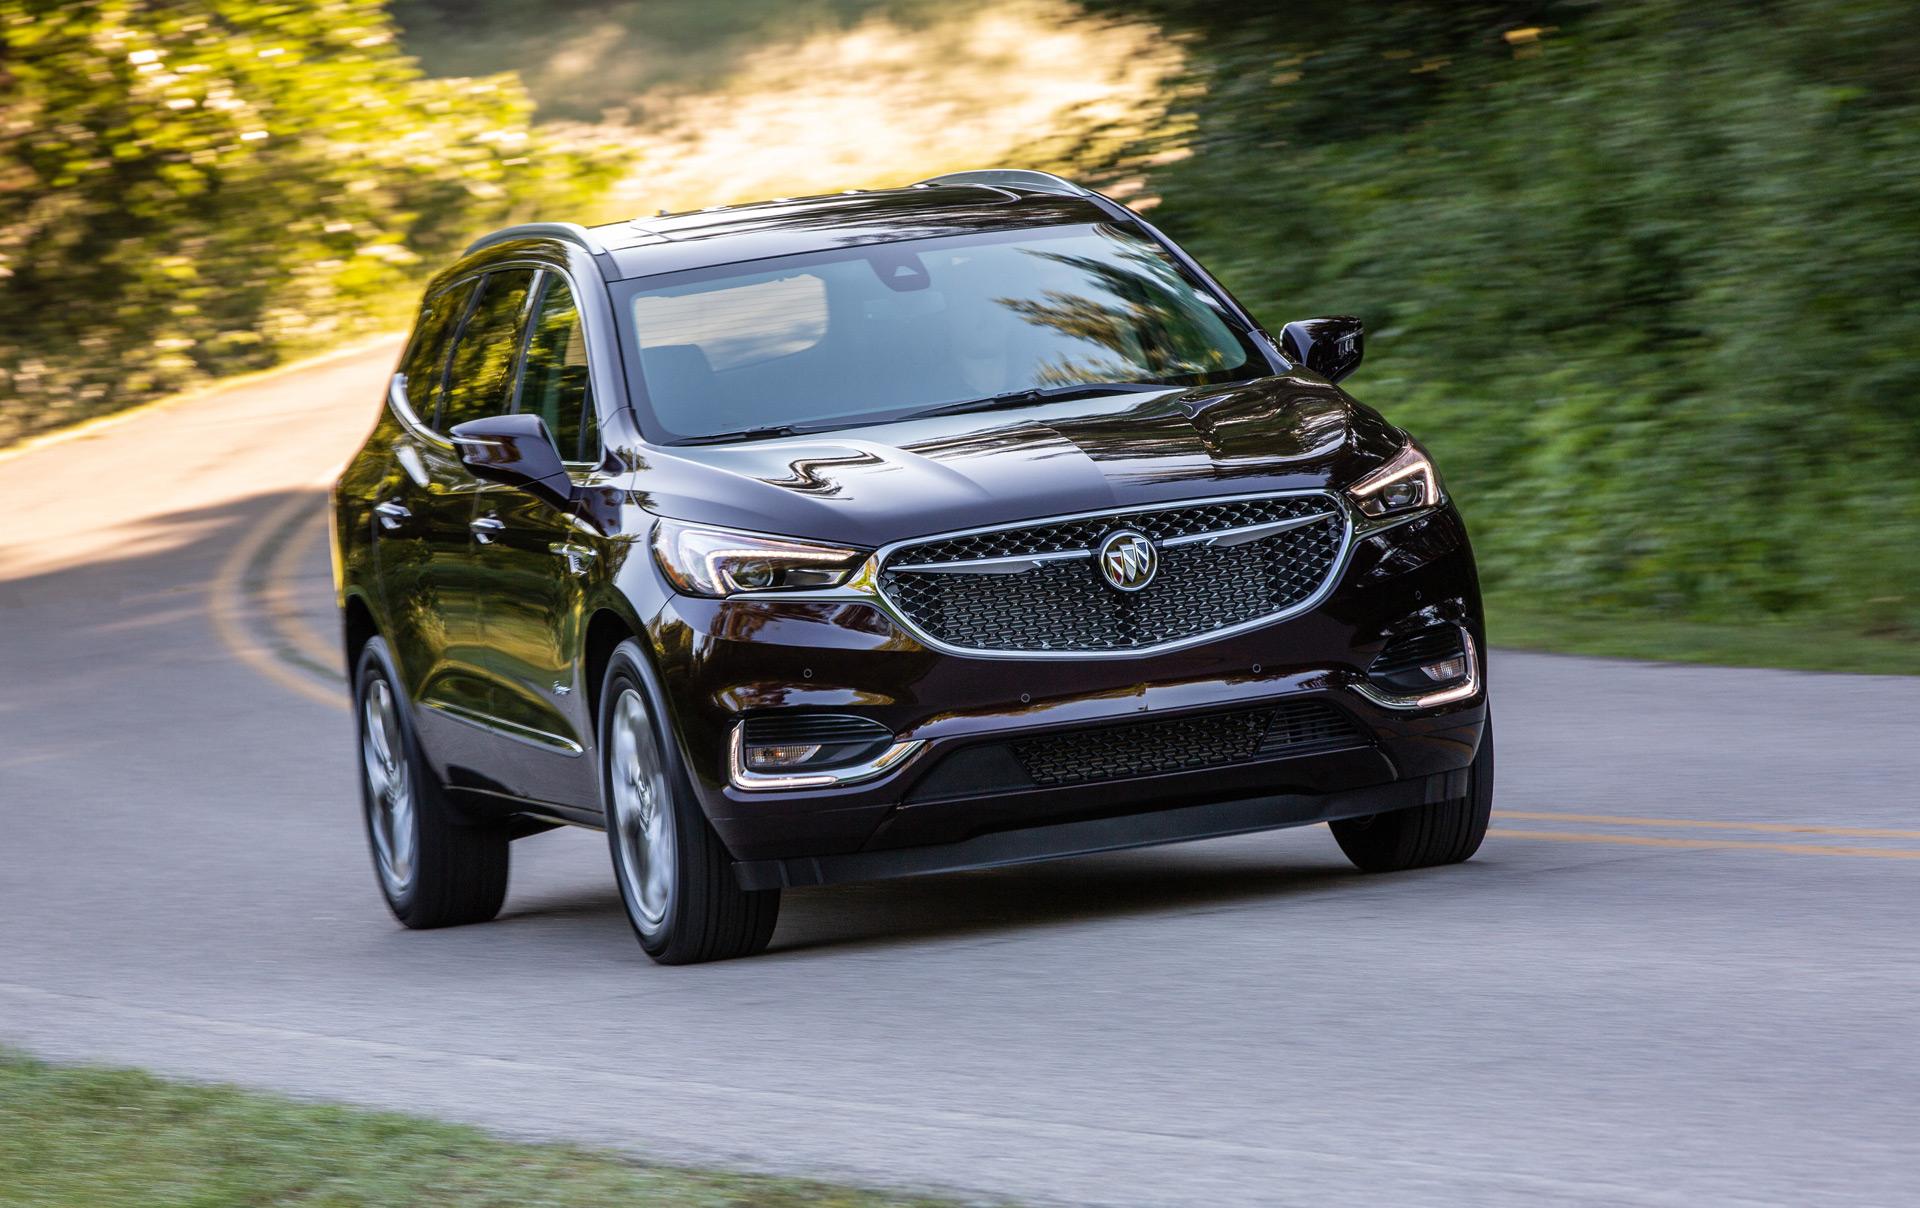 В американской гамме Buick кроссовер Enclave является самым крупным и дорогим. Полноприводник с семью посадочными местами актуального поколения дебютировал только два года назад, поэтому обновляться еще рано. Однако к новому модельному году автомобиль кое-где все-таки подновился.